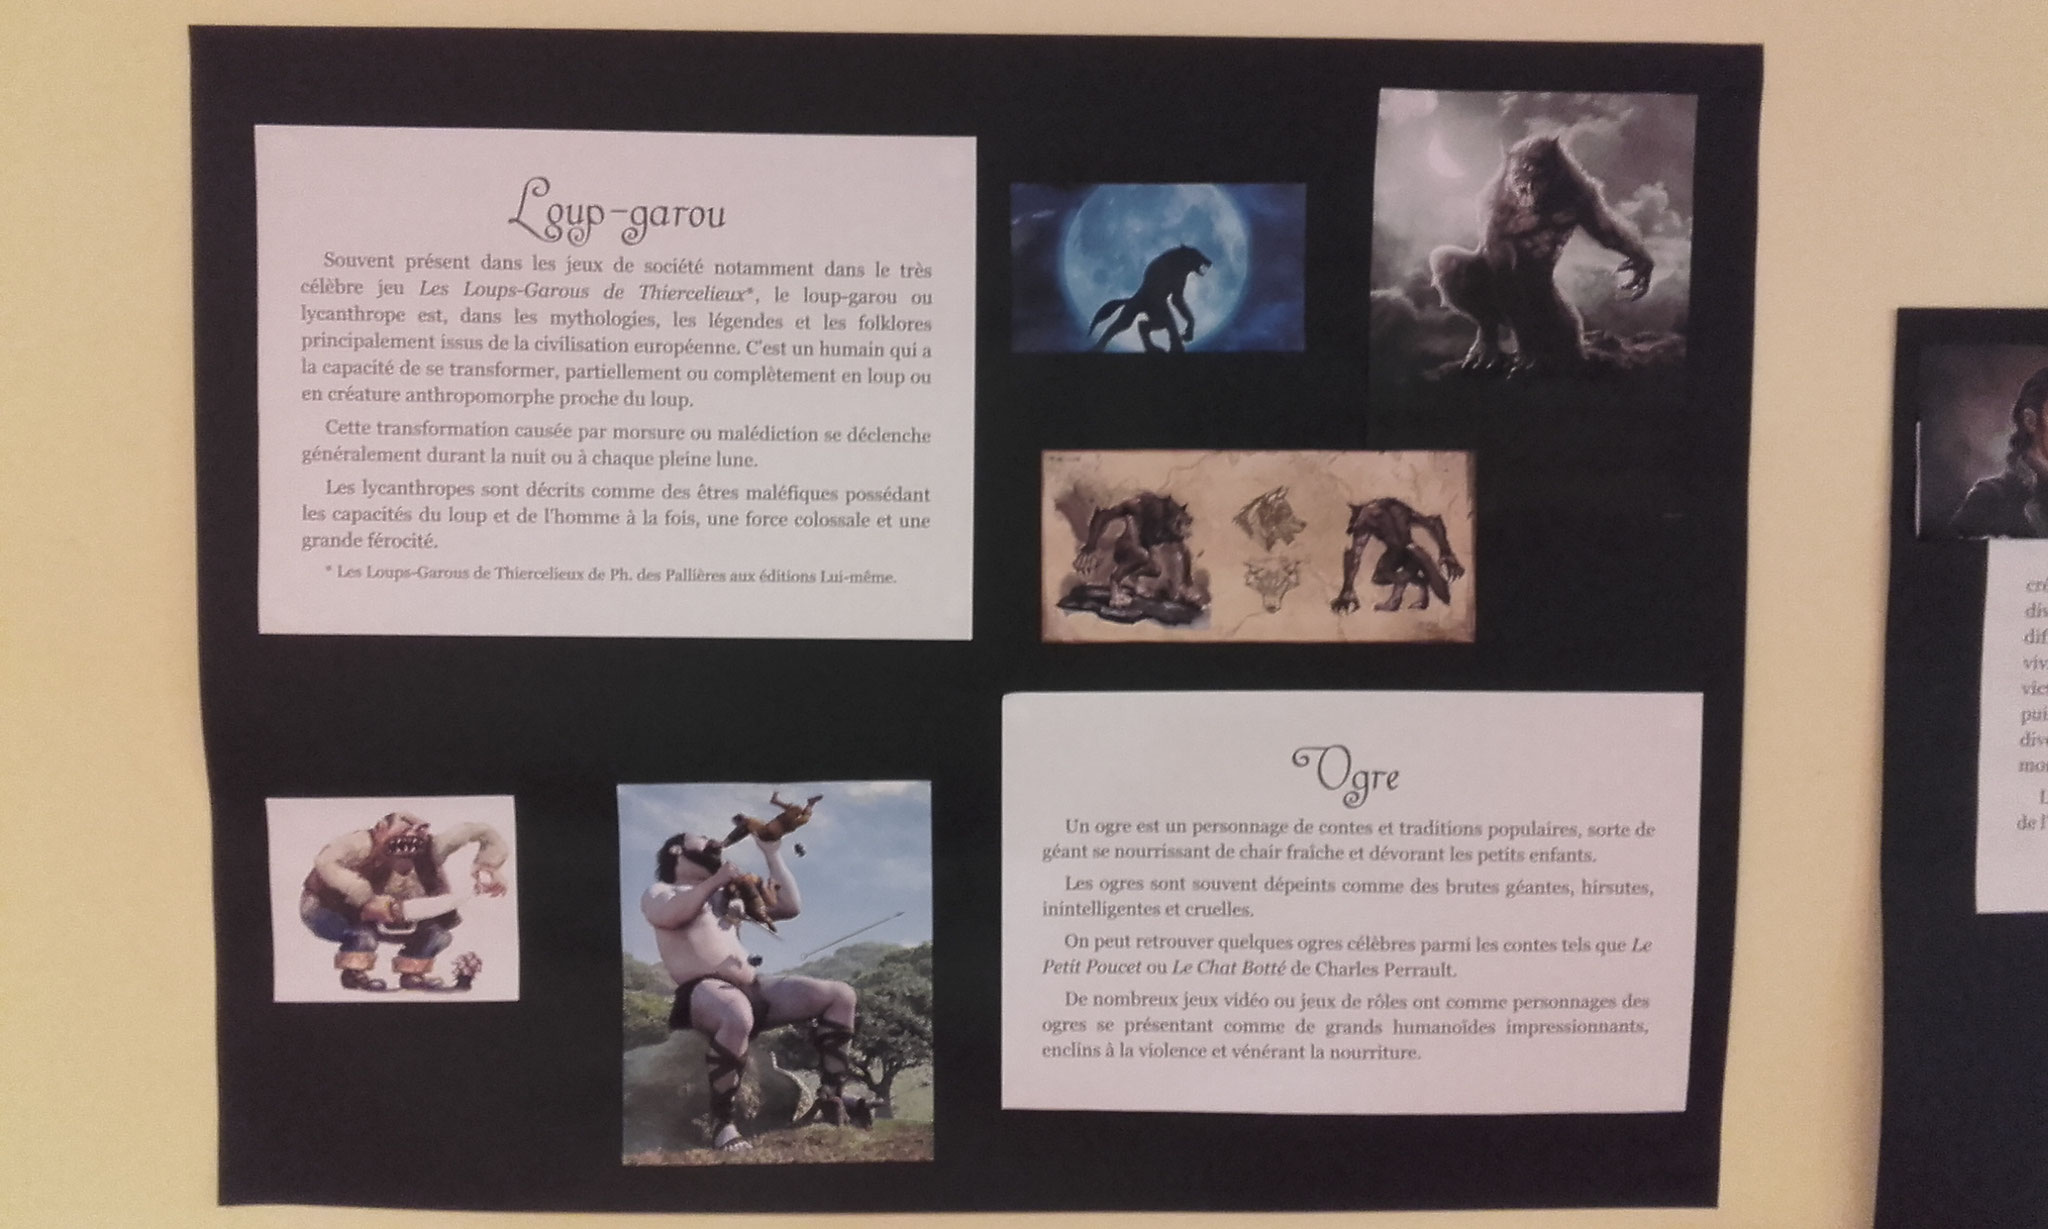 les créatures monstrueuses : Loup-garou et Ogre